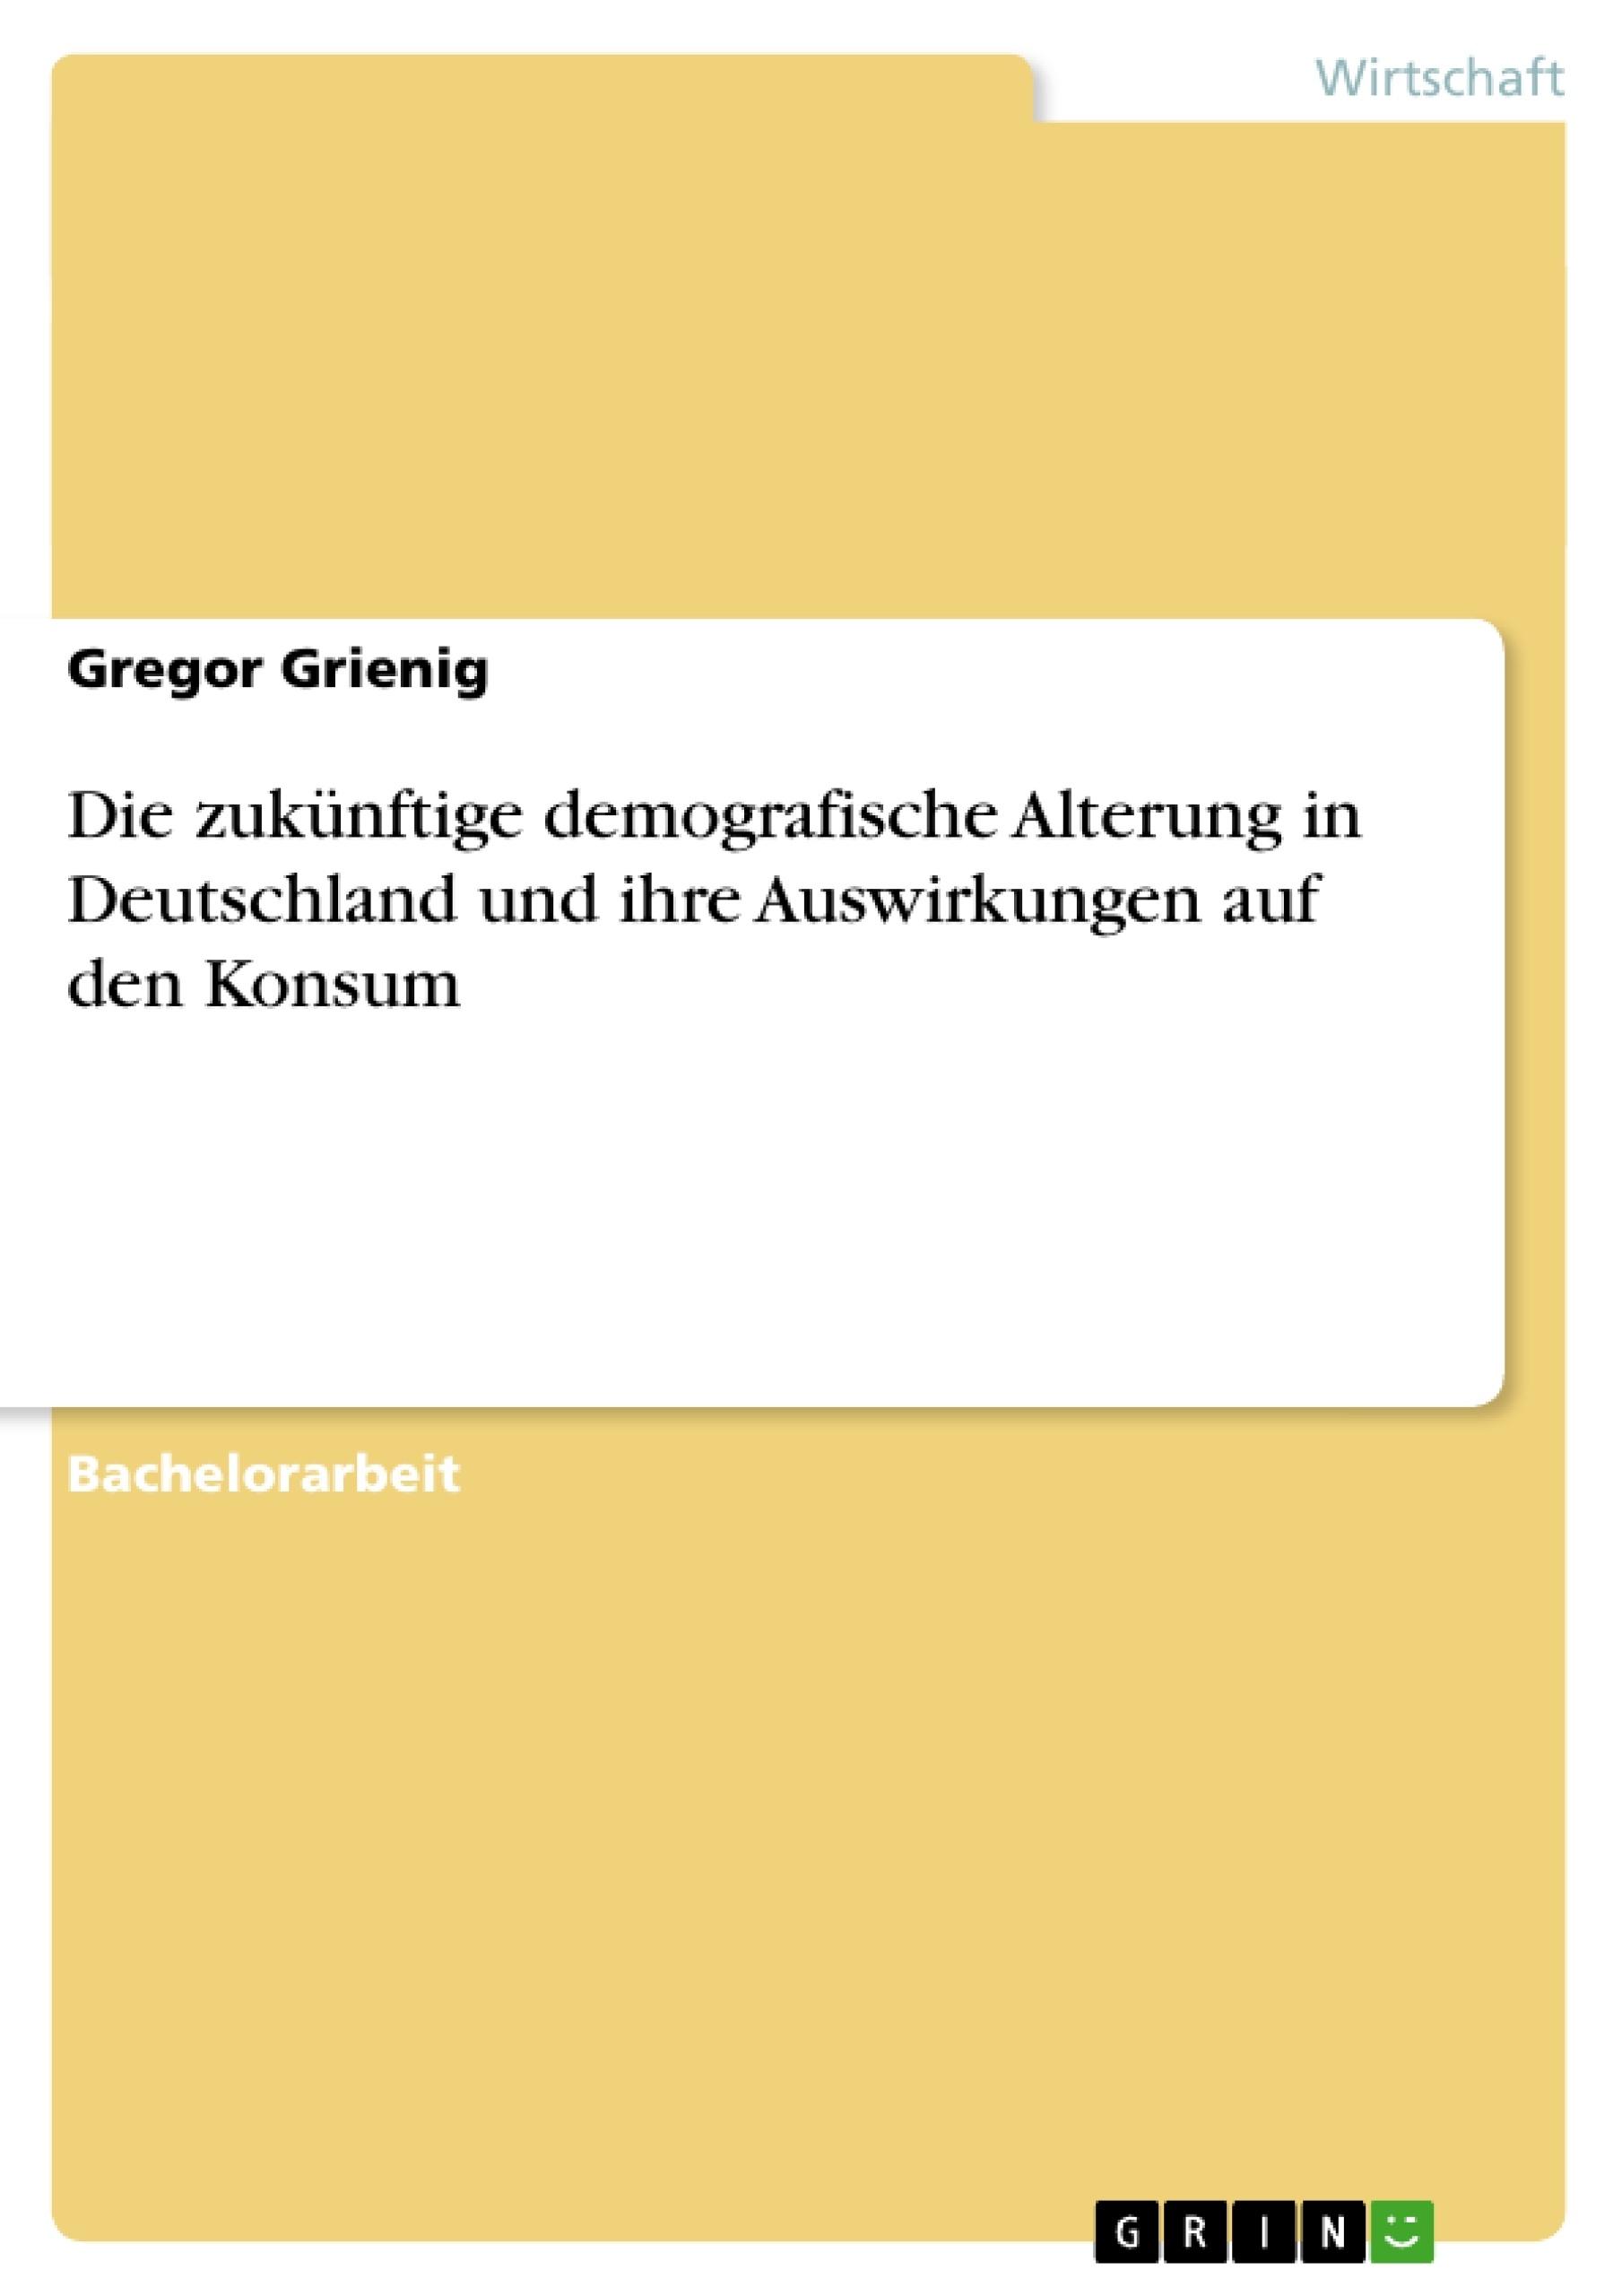 Titel: Die zukünftige demografische Alterung in Deutschland und ihre Auswirkungen auf den Konsum